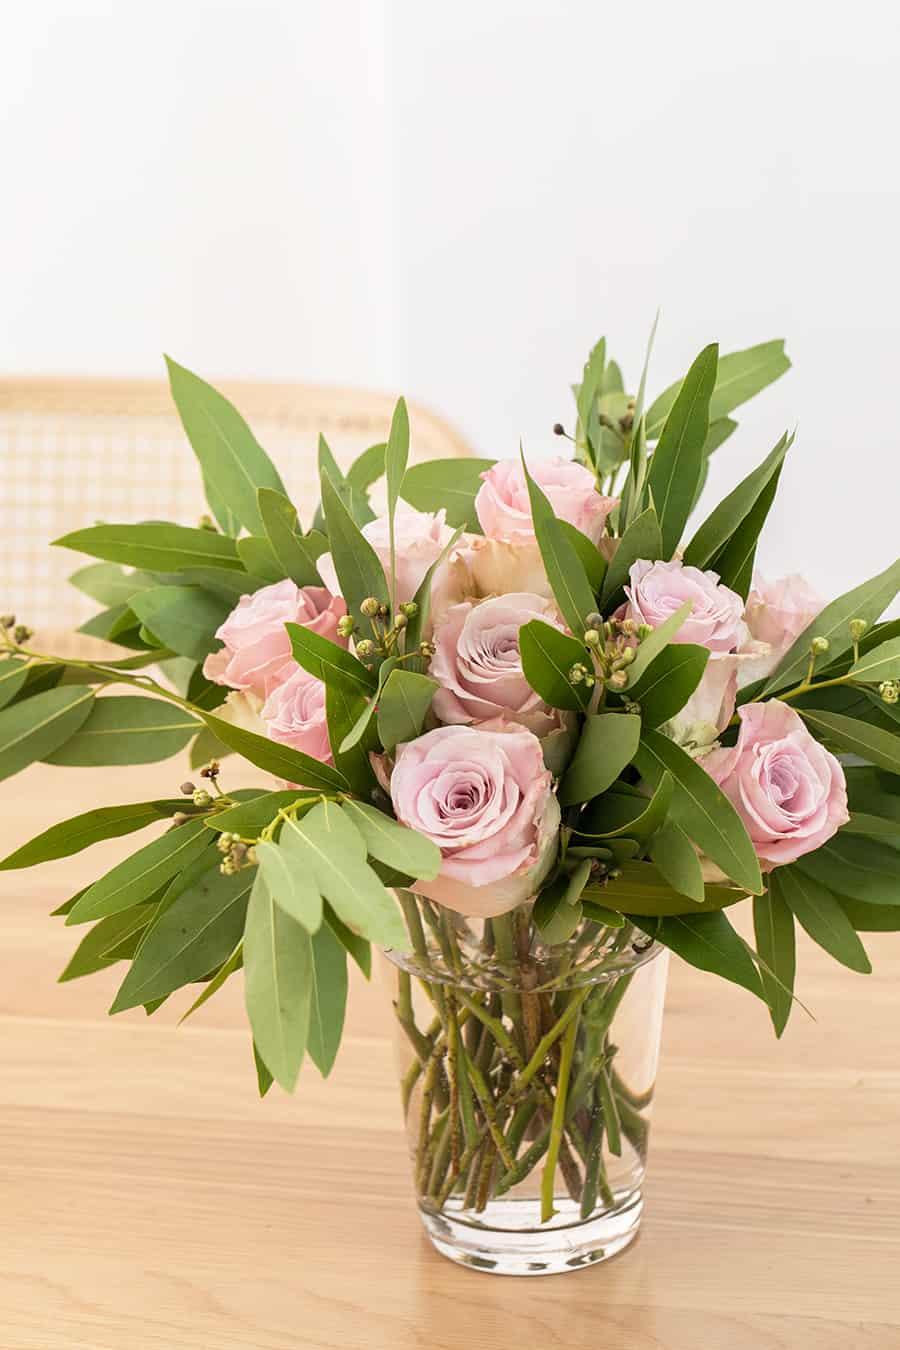 side shot of pink roses in a vase